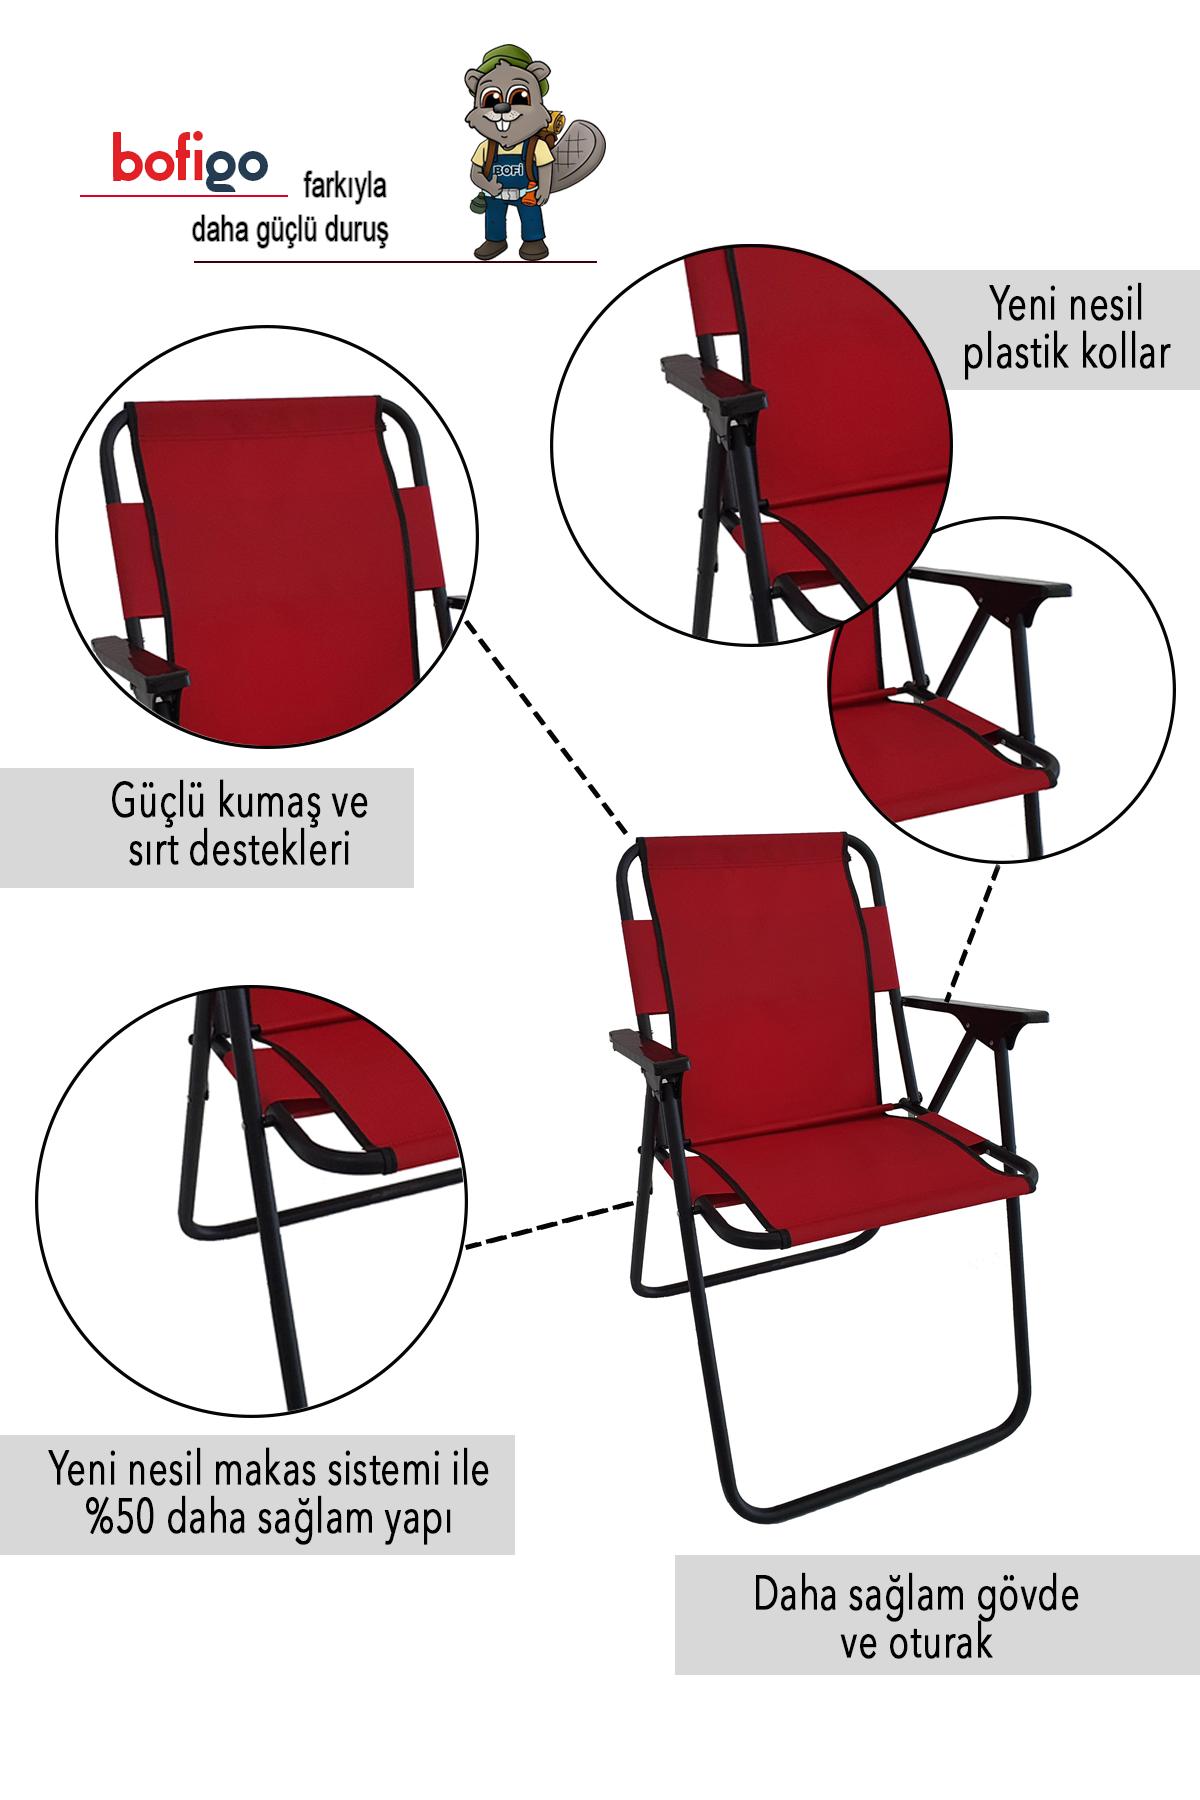 Bofigo 3 Adet Kamp Sandalyesi Katlanır Sandalye Piknik Sandalyesi Plaj Sandalyesi Kırmızı